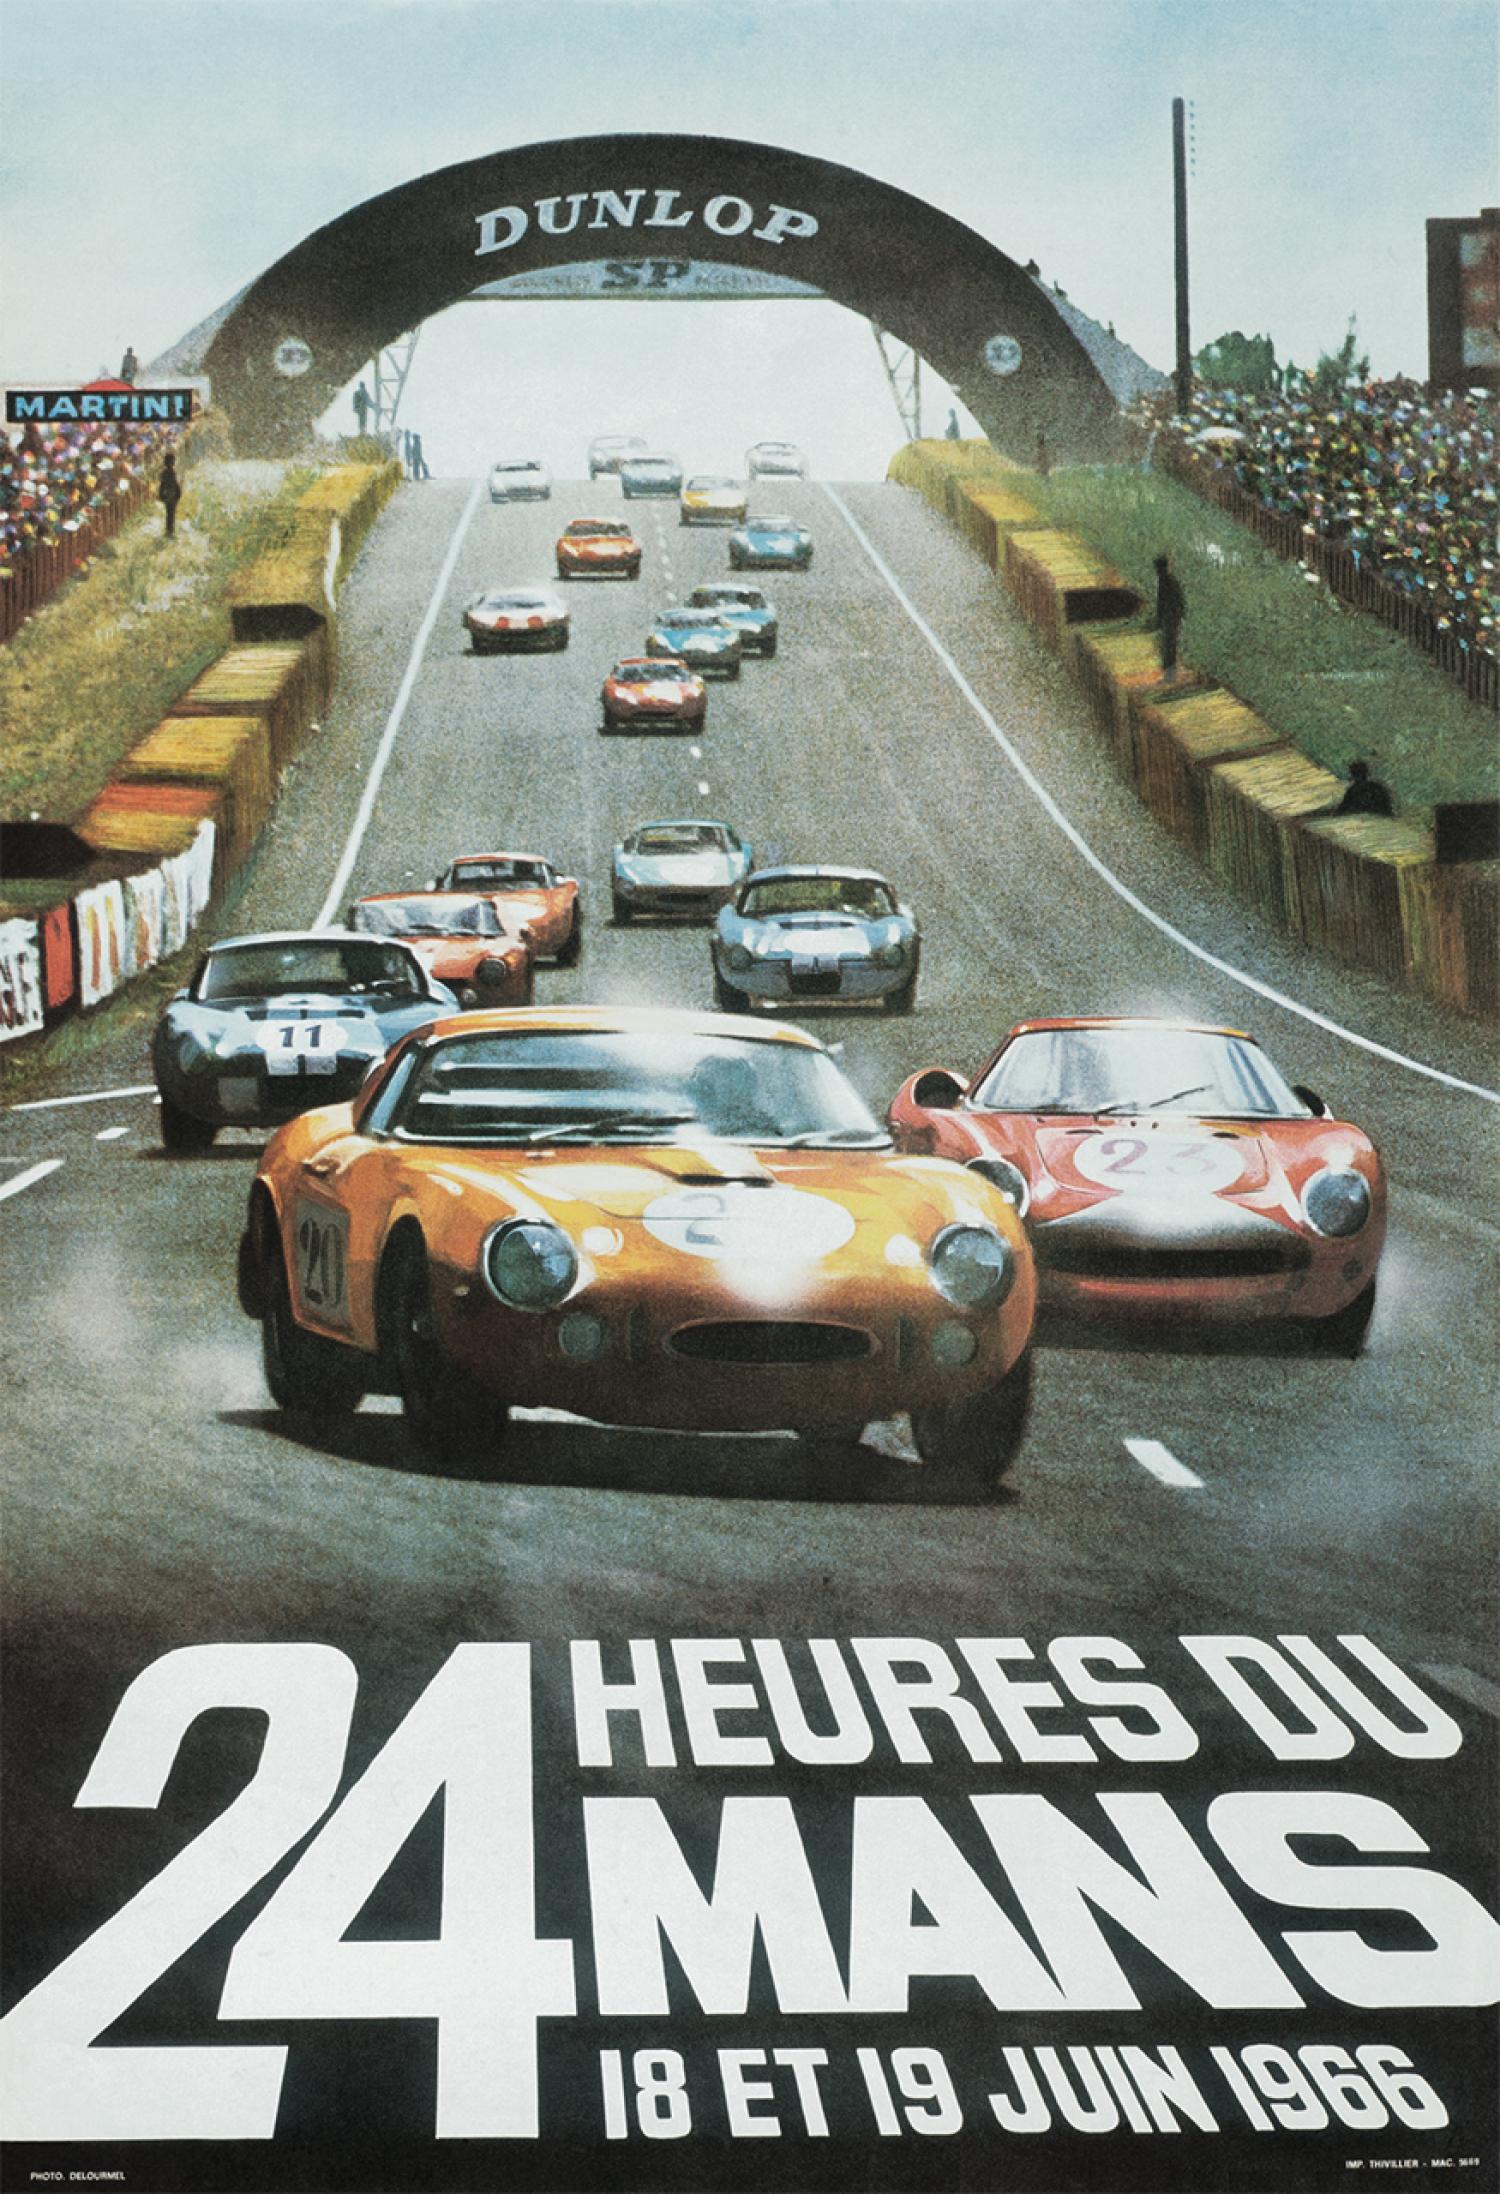 Musée Des 24 Heures Du Mans : musée, heures, Heures, édition, Normes, Revivre, Musée, 24h-lemans.com